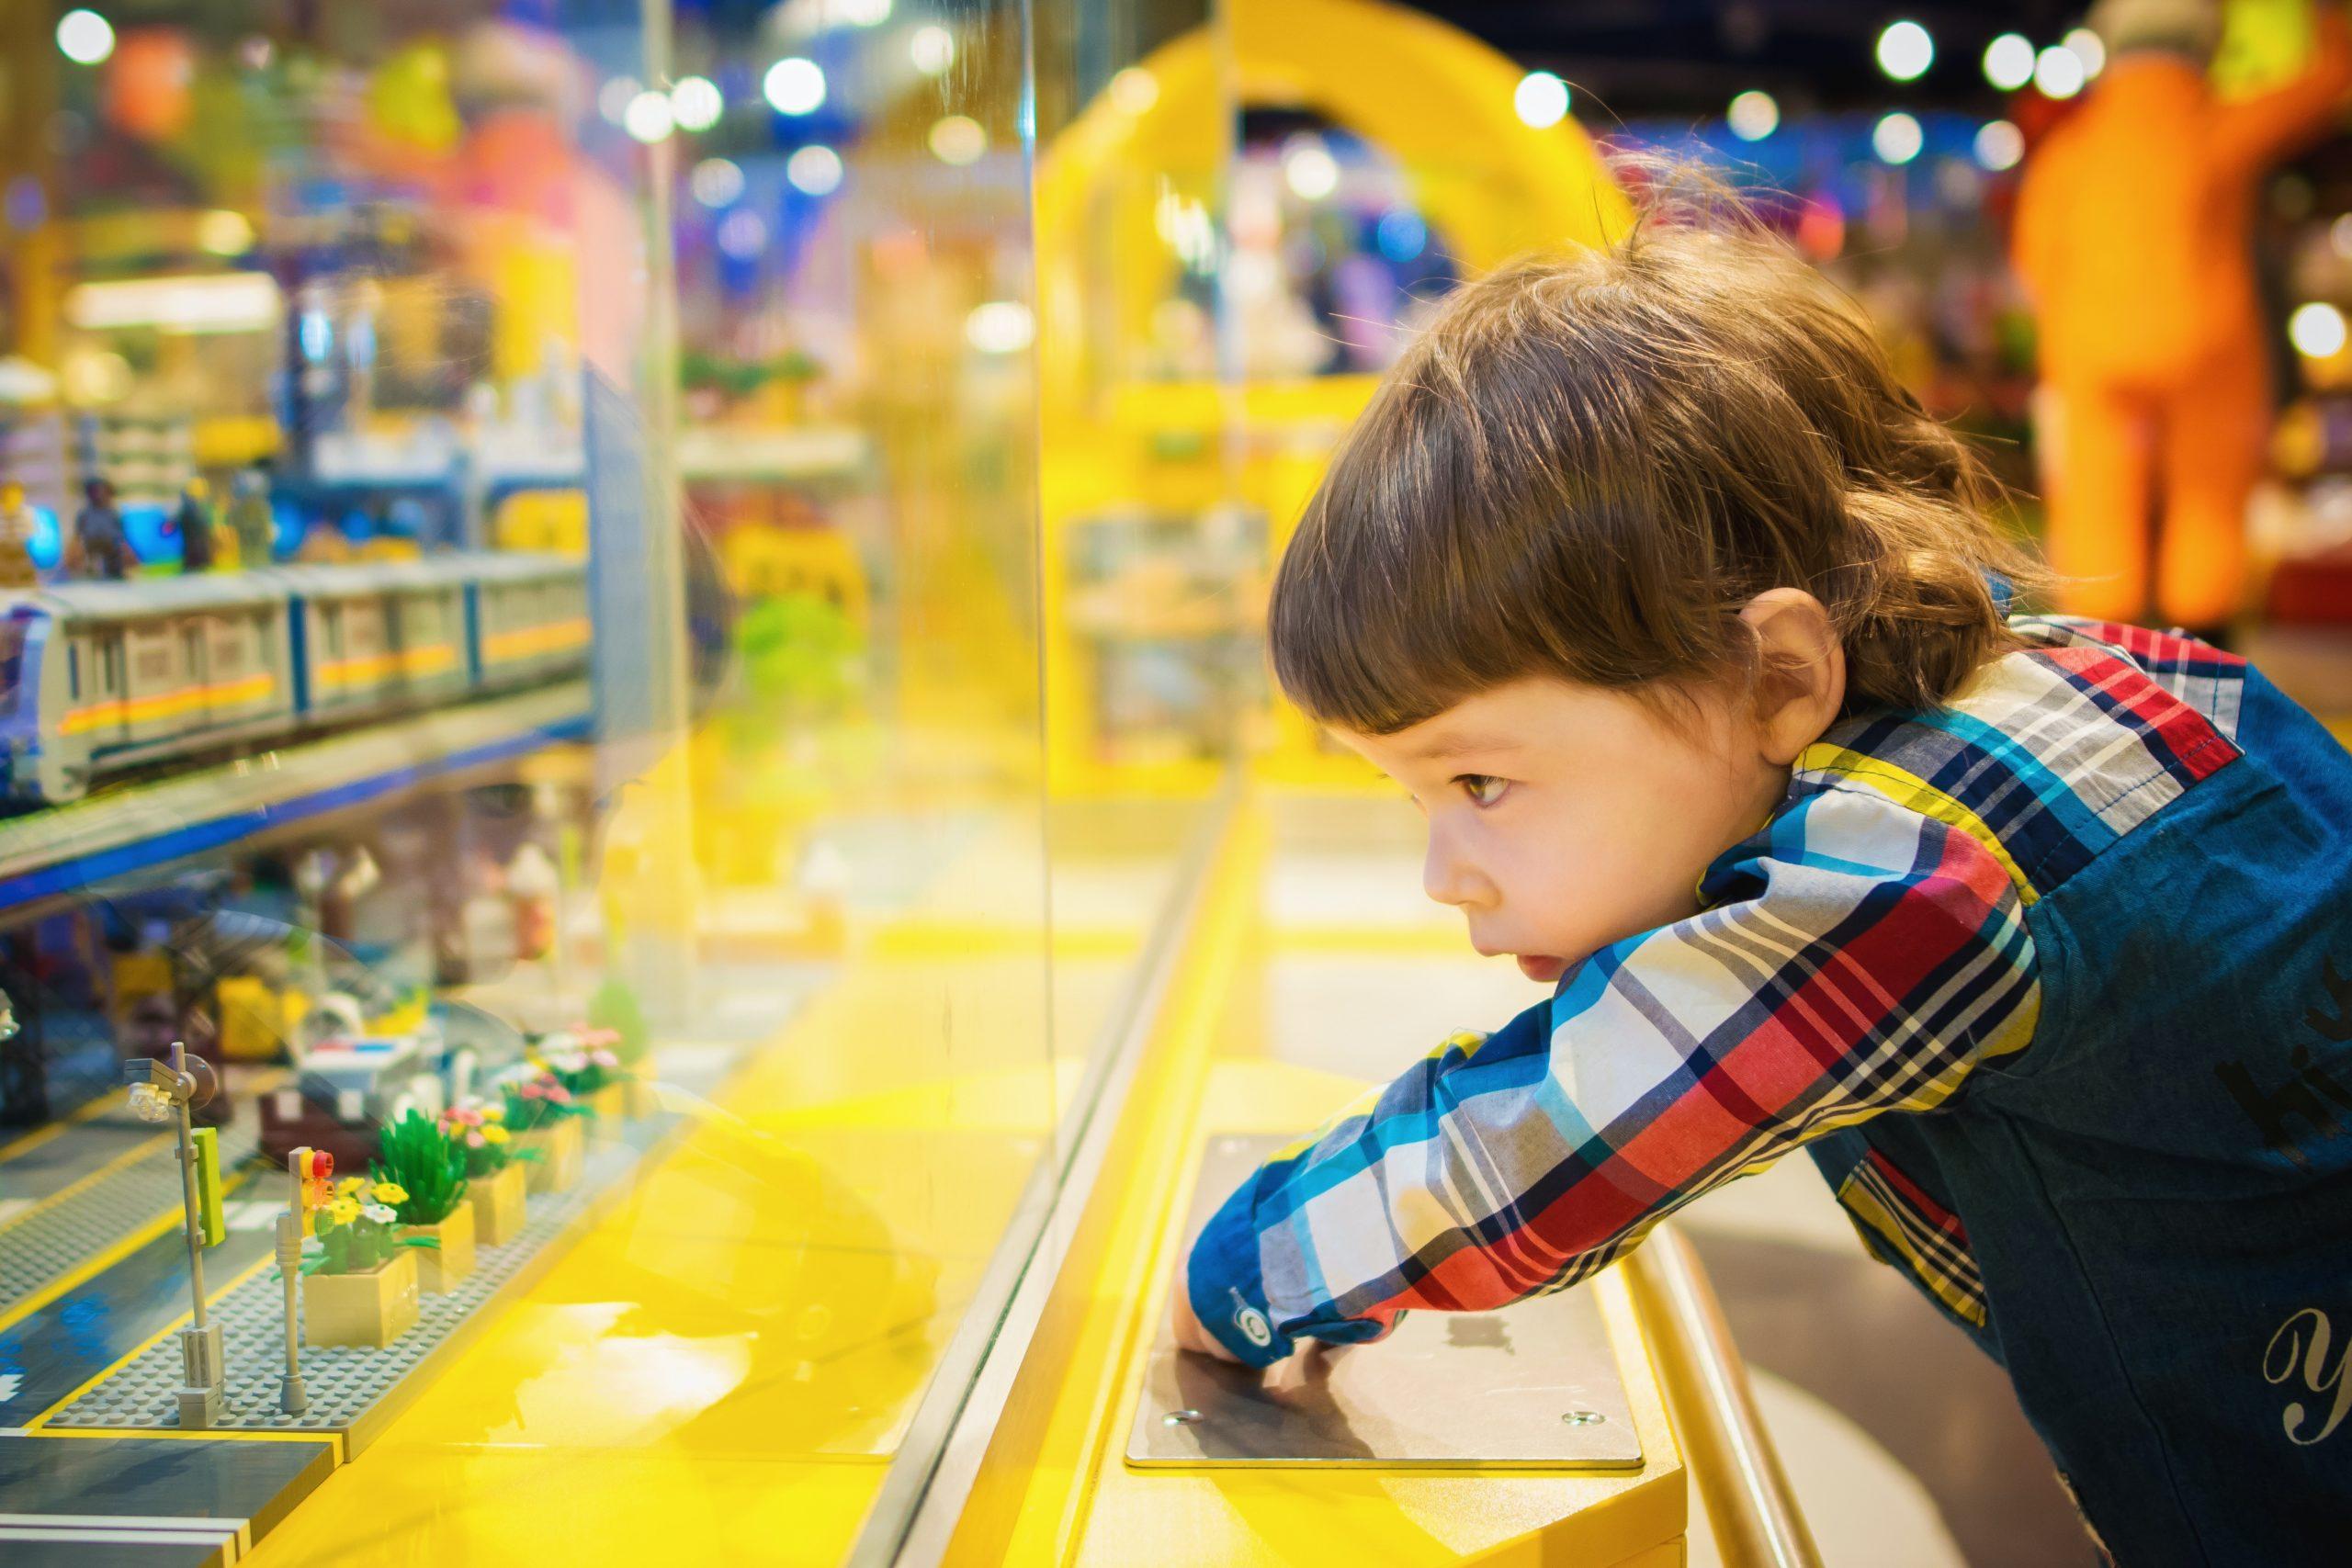 Venta de juguetes crece hasta 30% ante apertura de tiendas físicas y centros comerciales